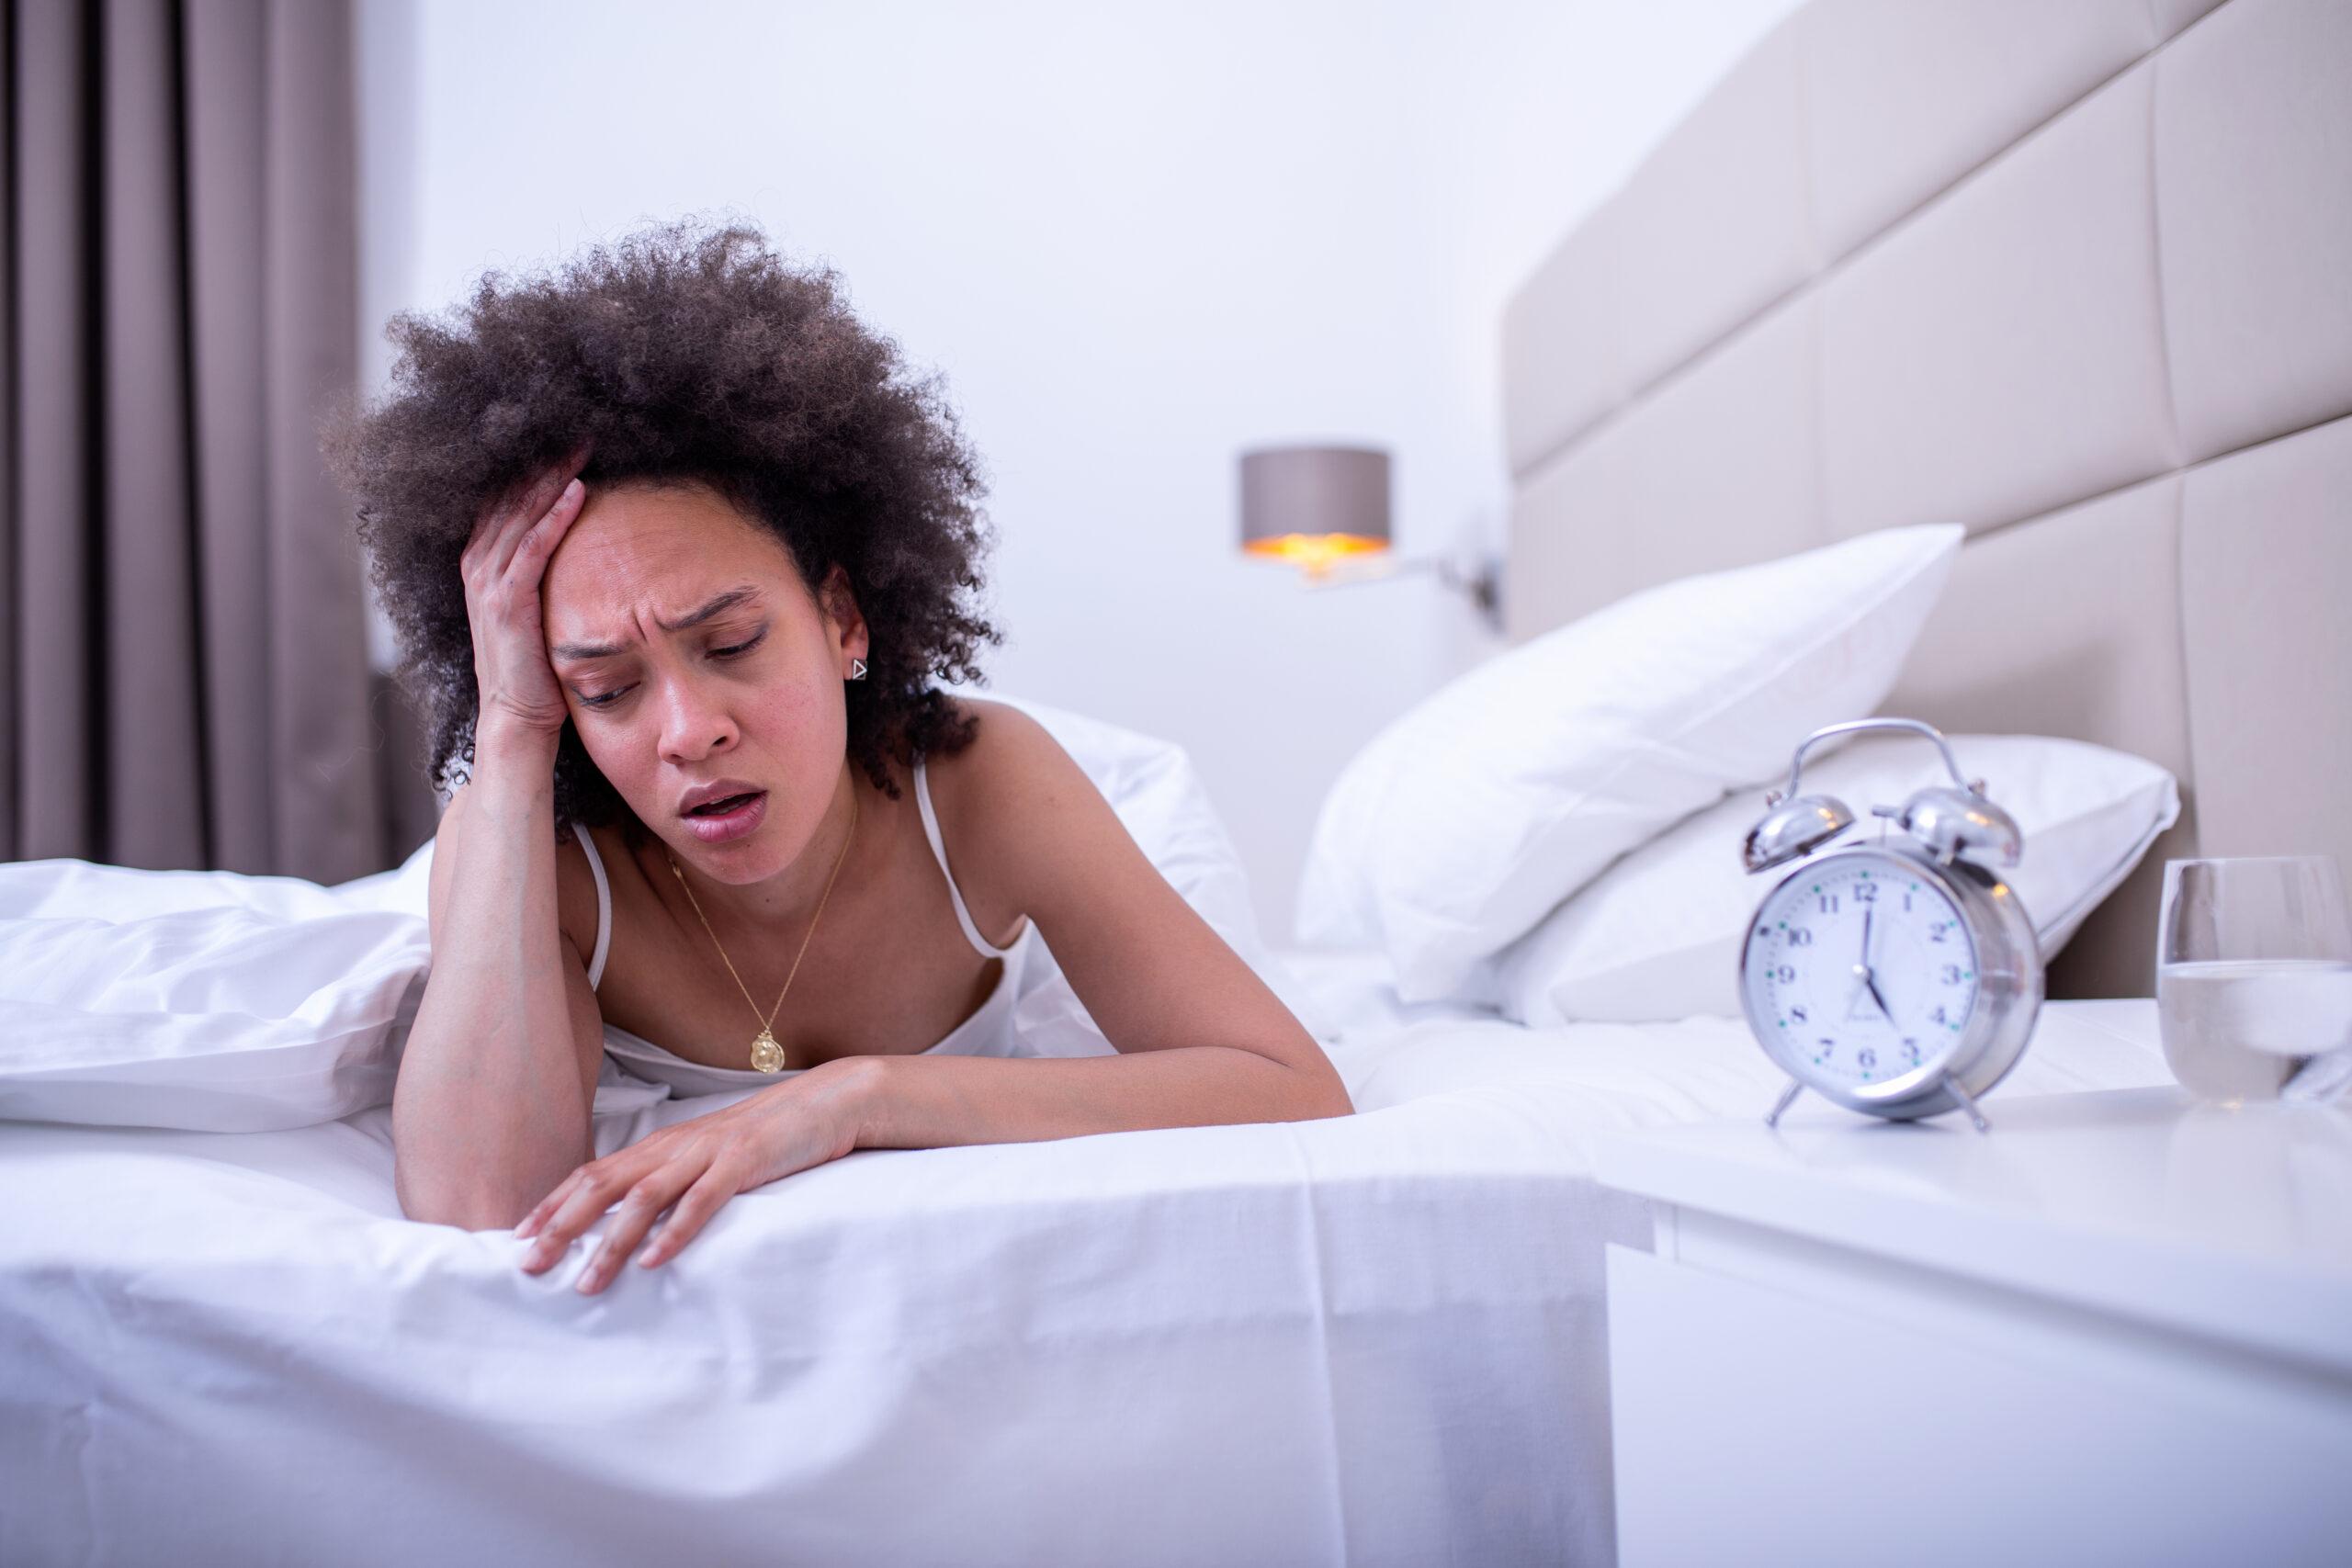 Espasmos al dormir: causas y cómo evitarlos